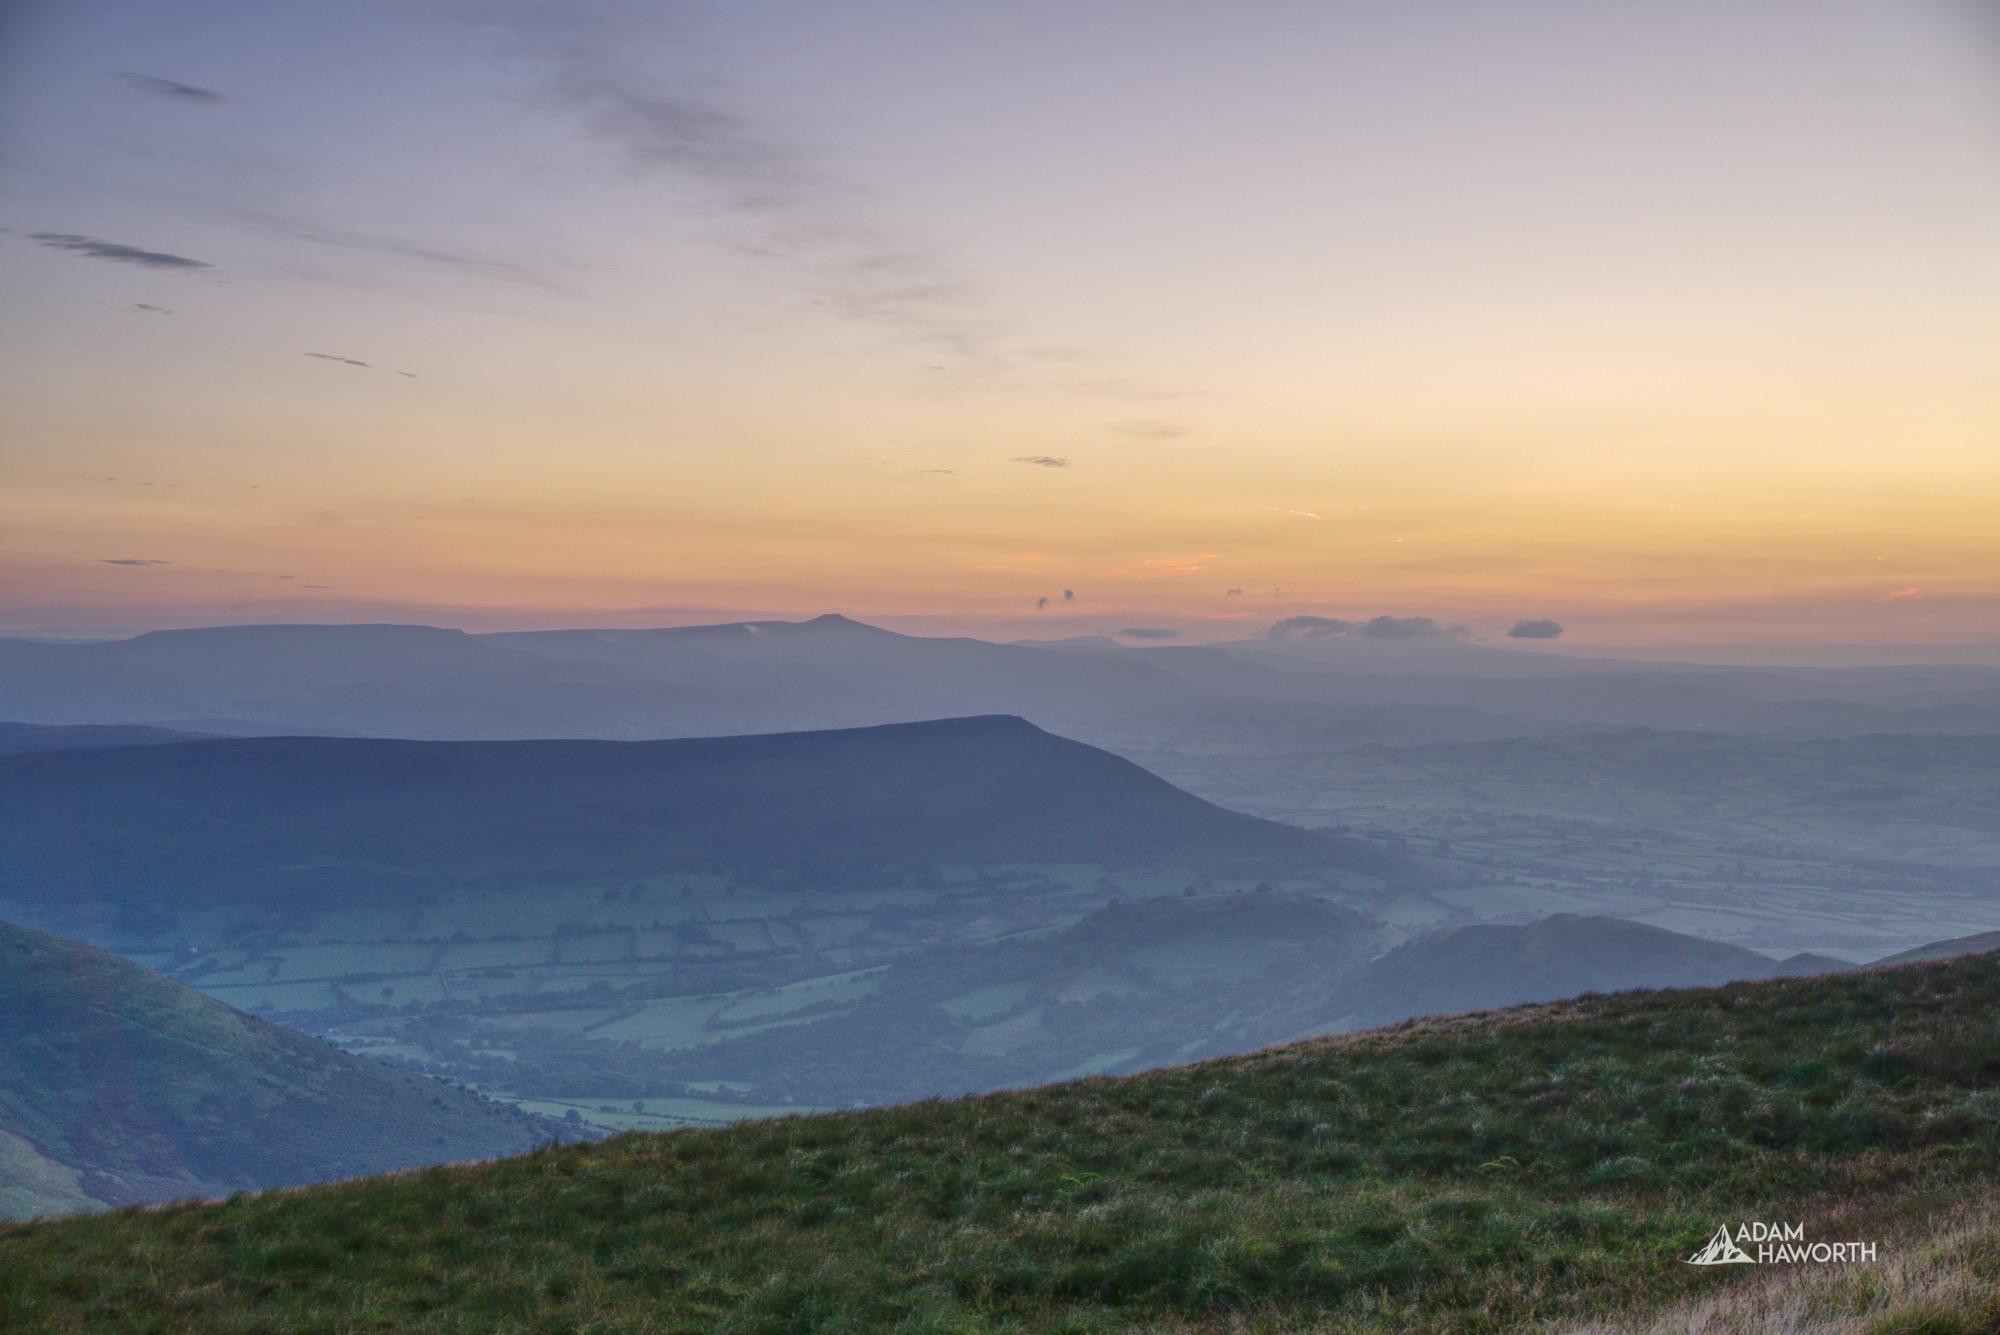 Waun Fach Black Mountains. Brecon Beacons Photography